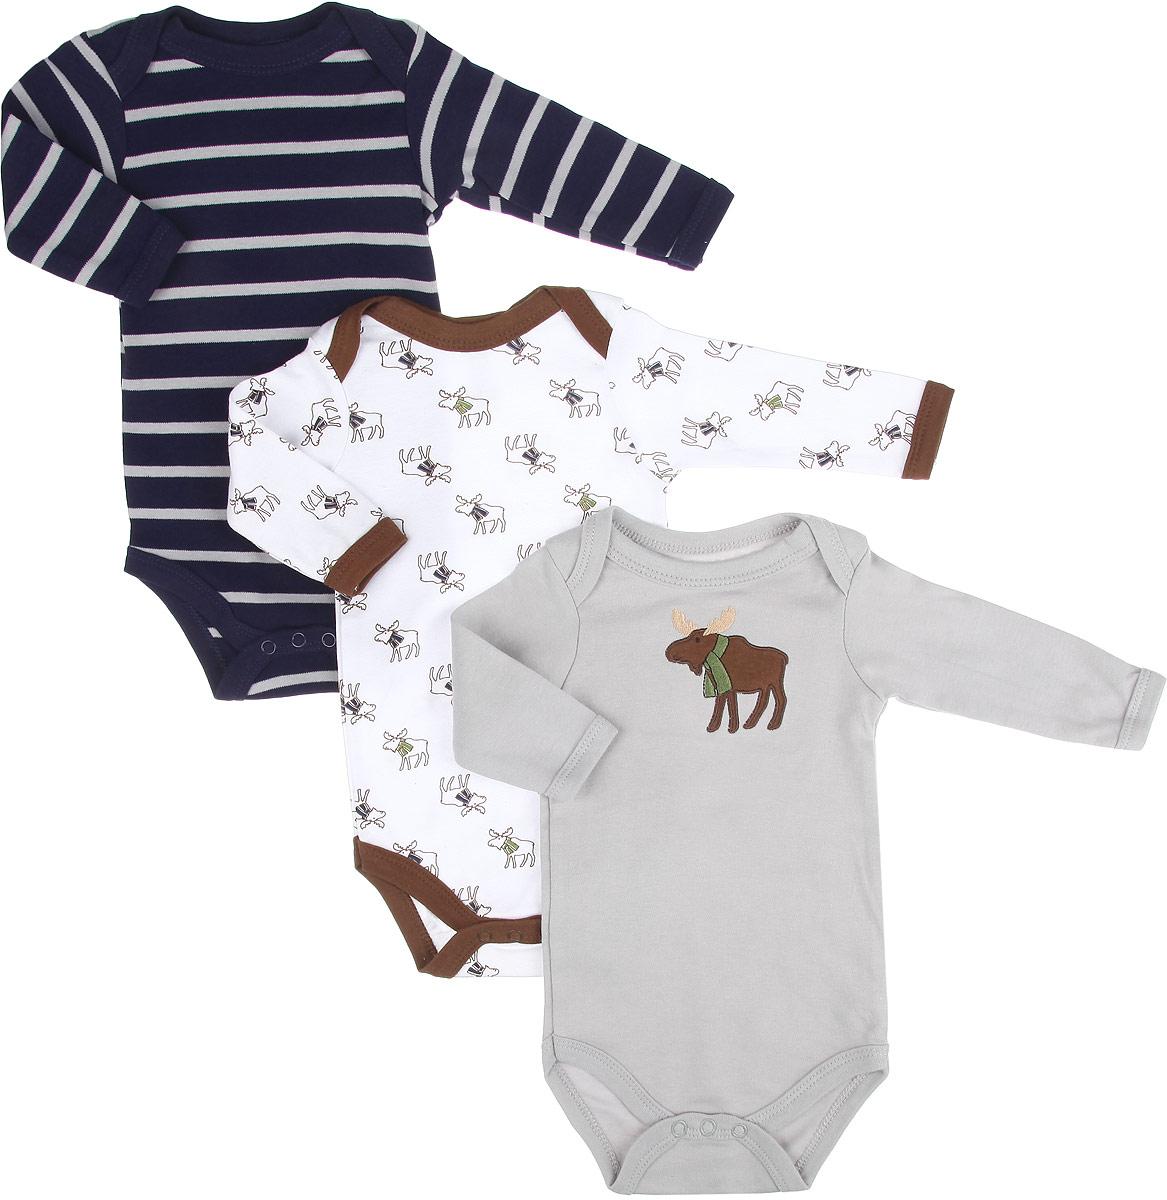 Боди для мальчика Hudson Baby Лось, цвет: серый, белый, темно-синий, 3 шт. 55128. Размер 61/67, 3-6 месяцев hudson baby hudson baby комплект одежды для малыша боди олени 3 шт синий серый